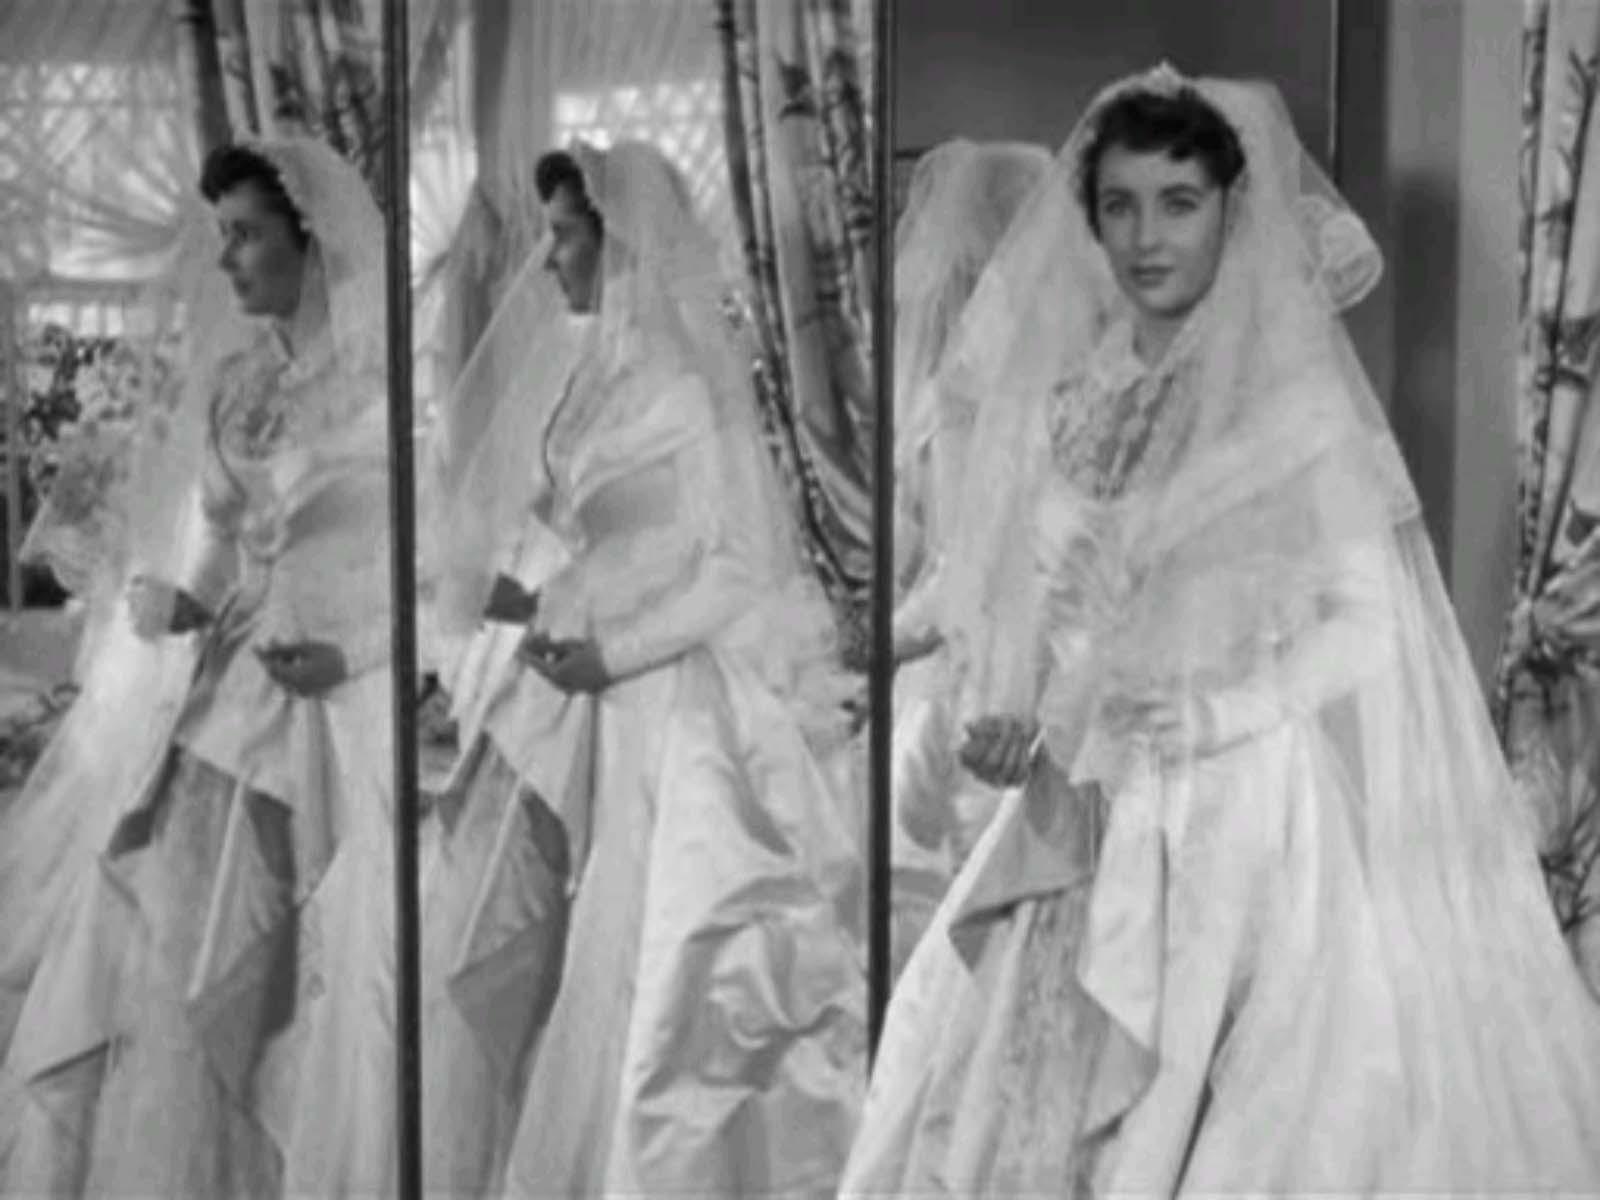 http://4.bp.blogspot.com/-pILQ1tqzeR0/TYuC-hTgCpI/AAAAAAAABS8/mbX_IqHLnbU/s1600/fotb-mirror-dresses.jpg